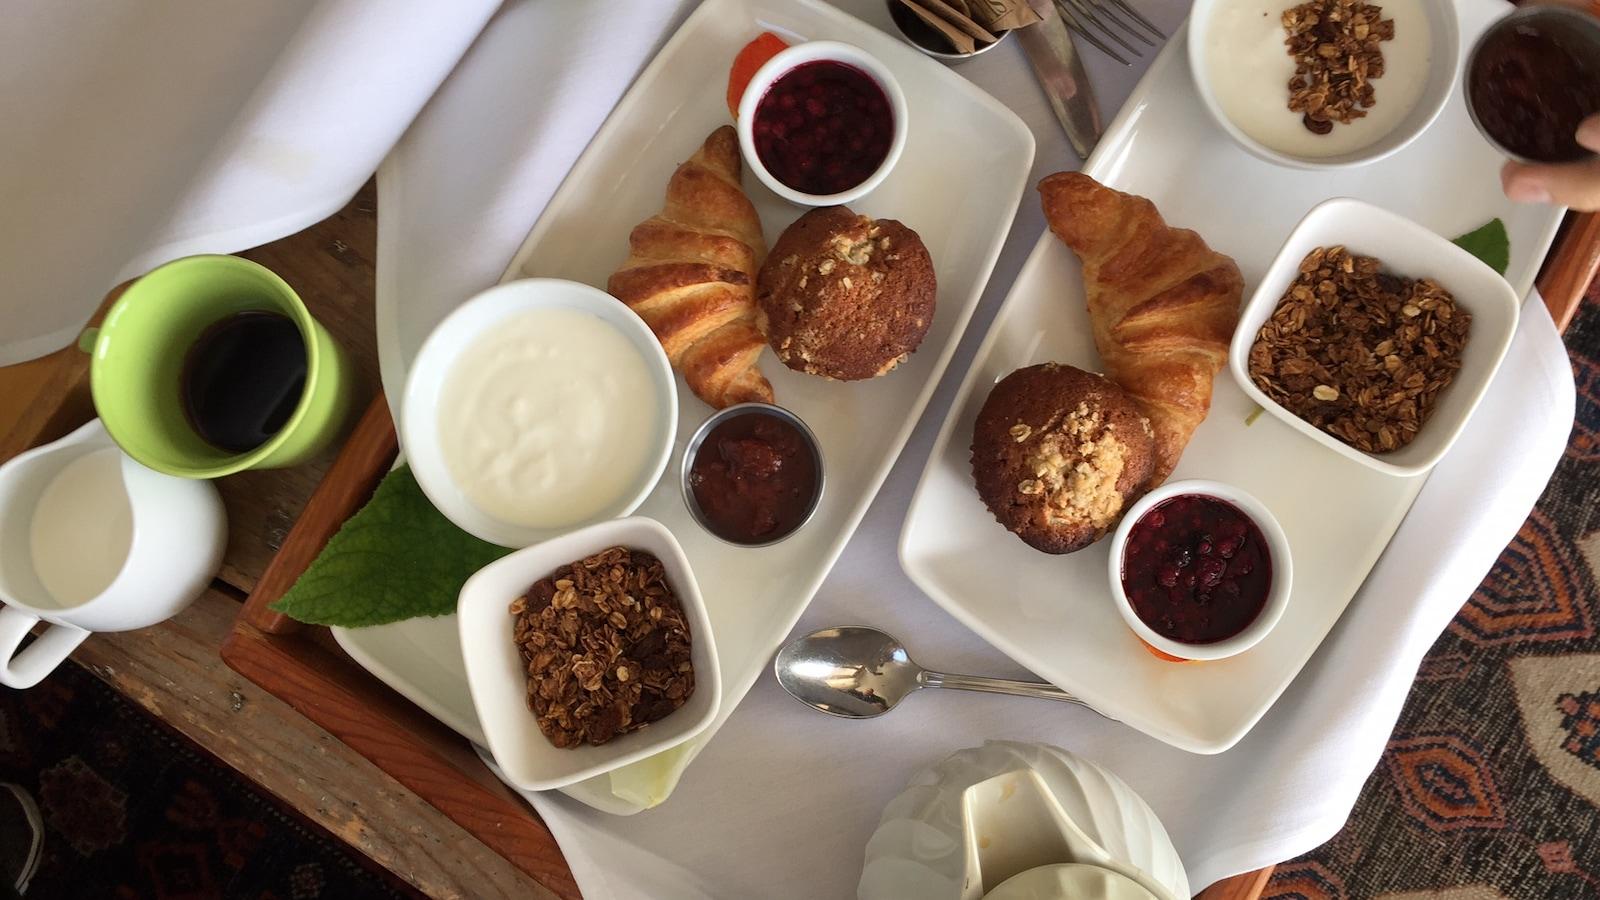 Le petit déjeuner au Sooke Harbour House : yogourt, céréales, confitures et compotes de fruits, muffin et croissant.